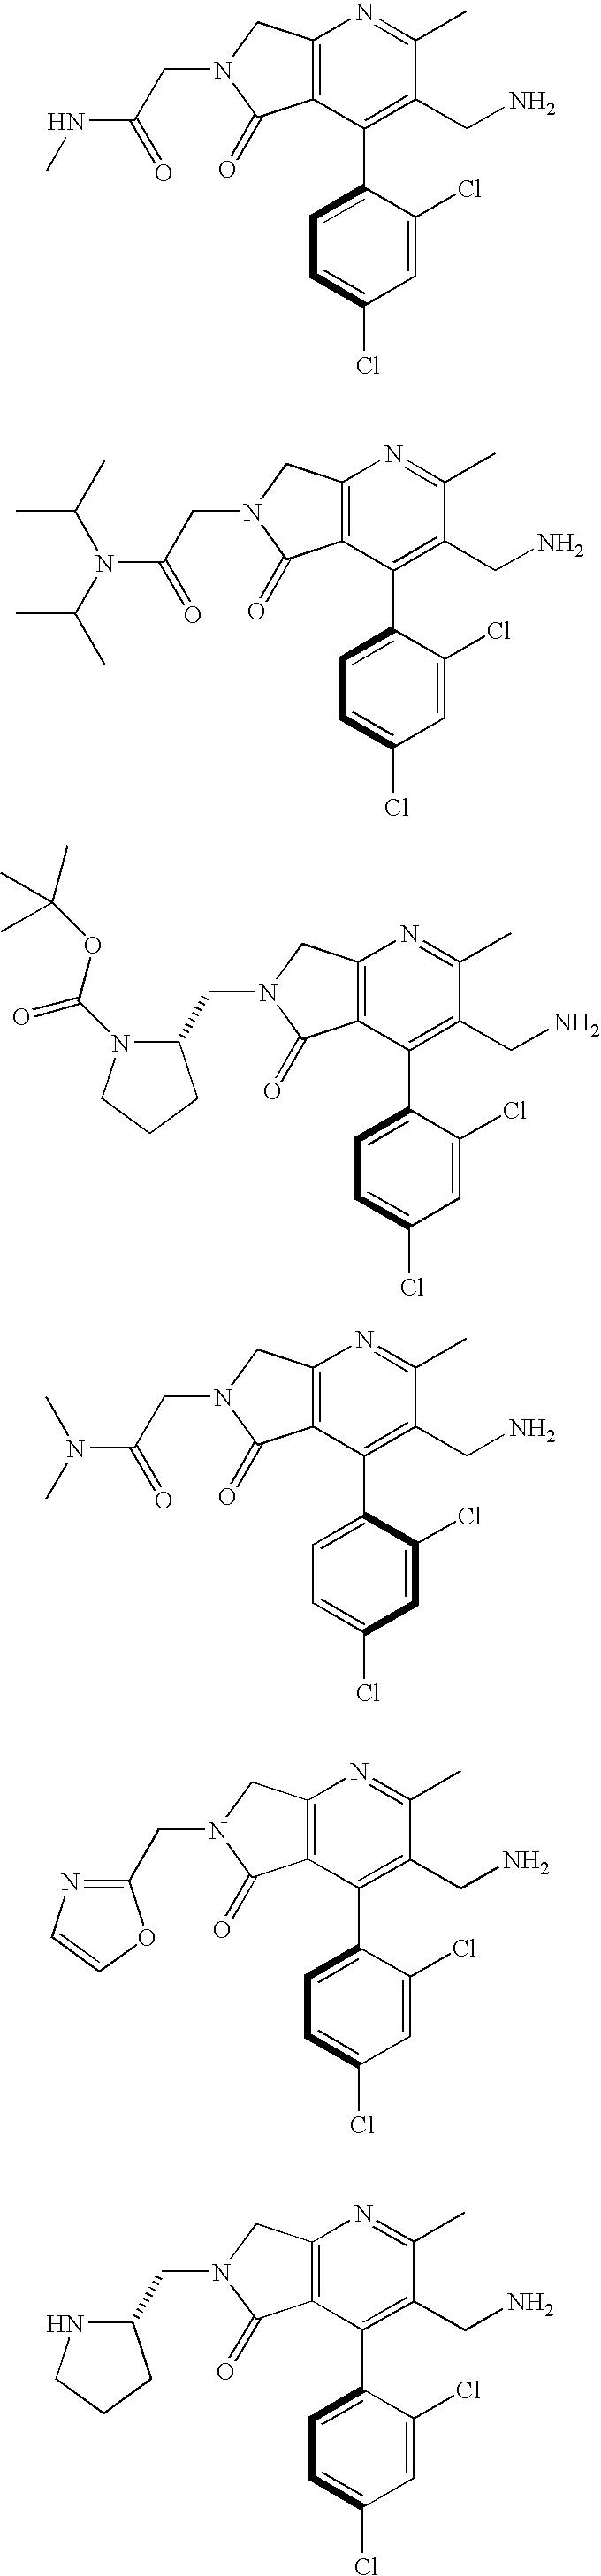 Figure US07521557-20090421-C00017